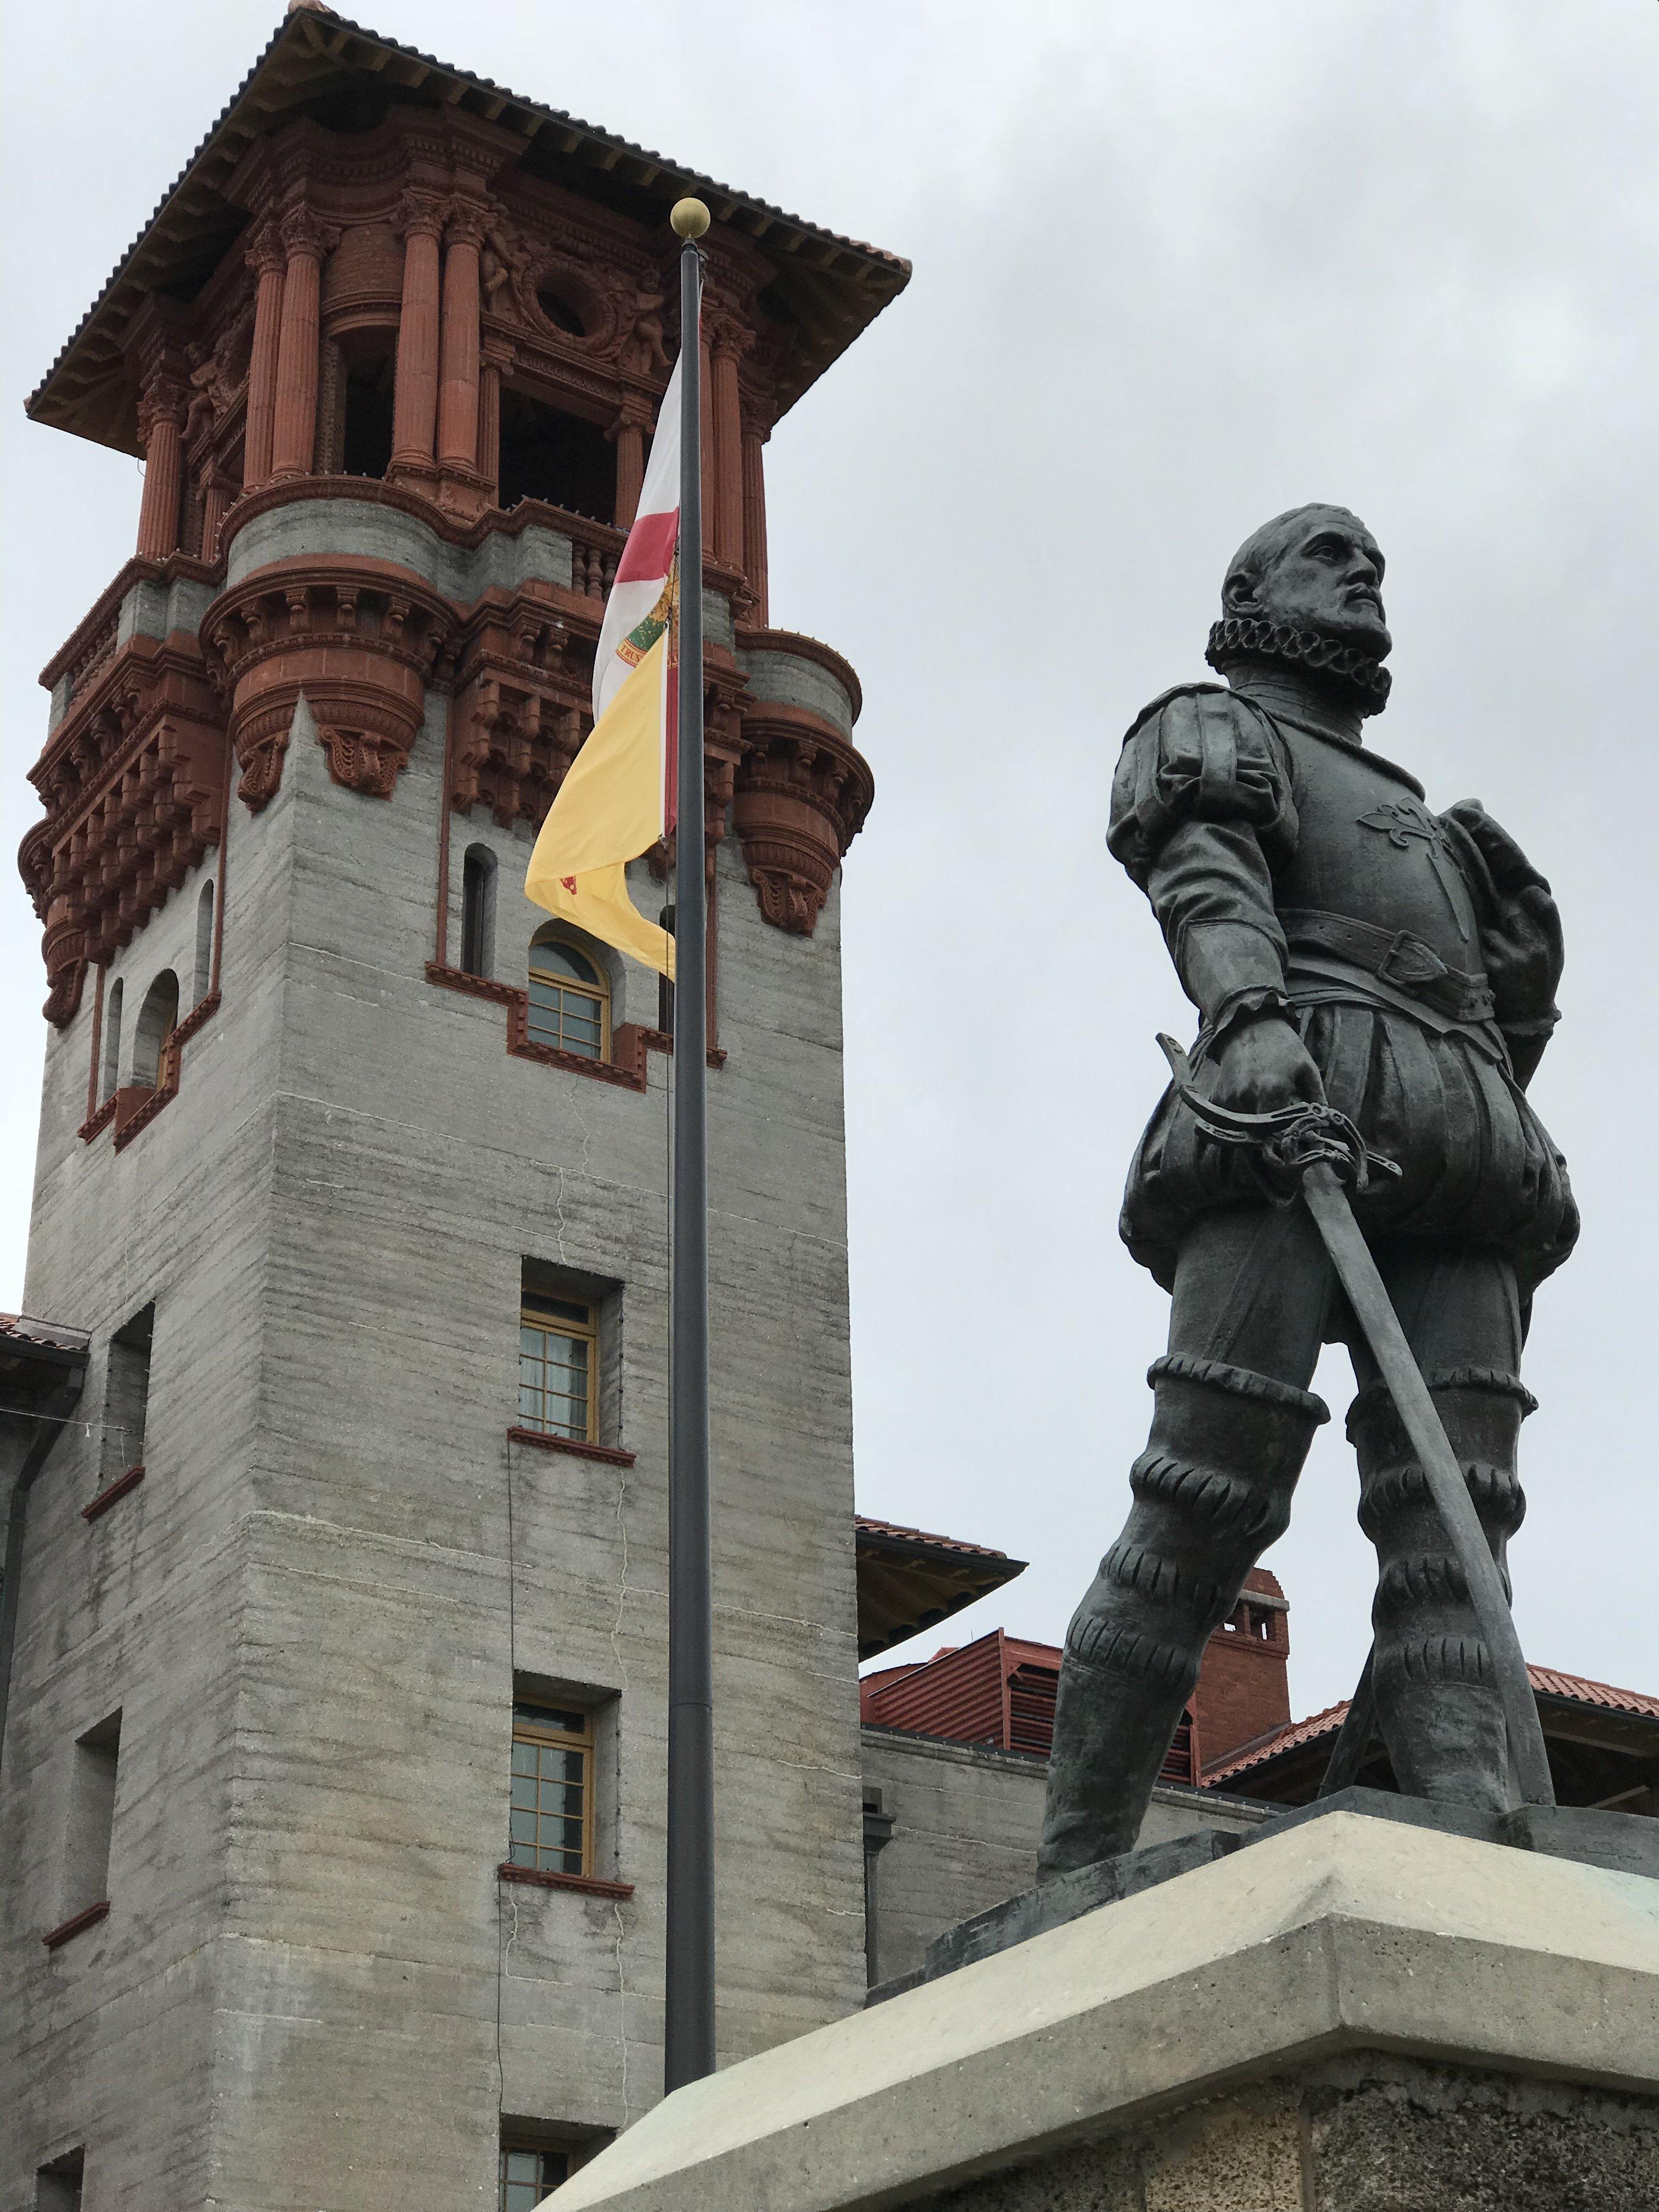 Pedro Menéndez de Avilés statue and tower.